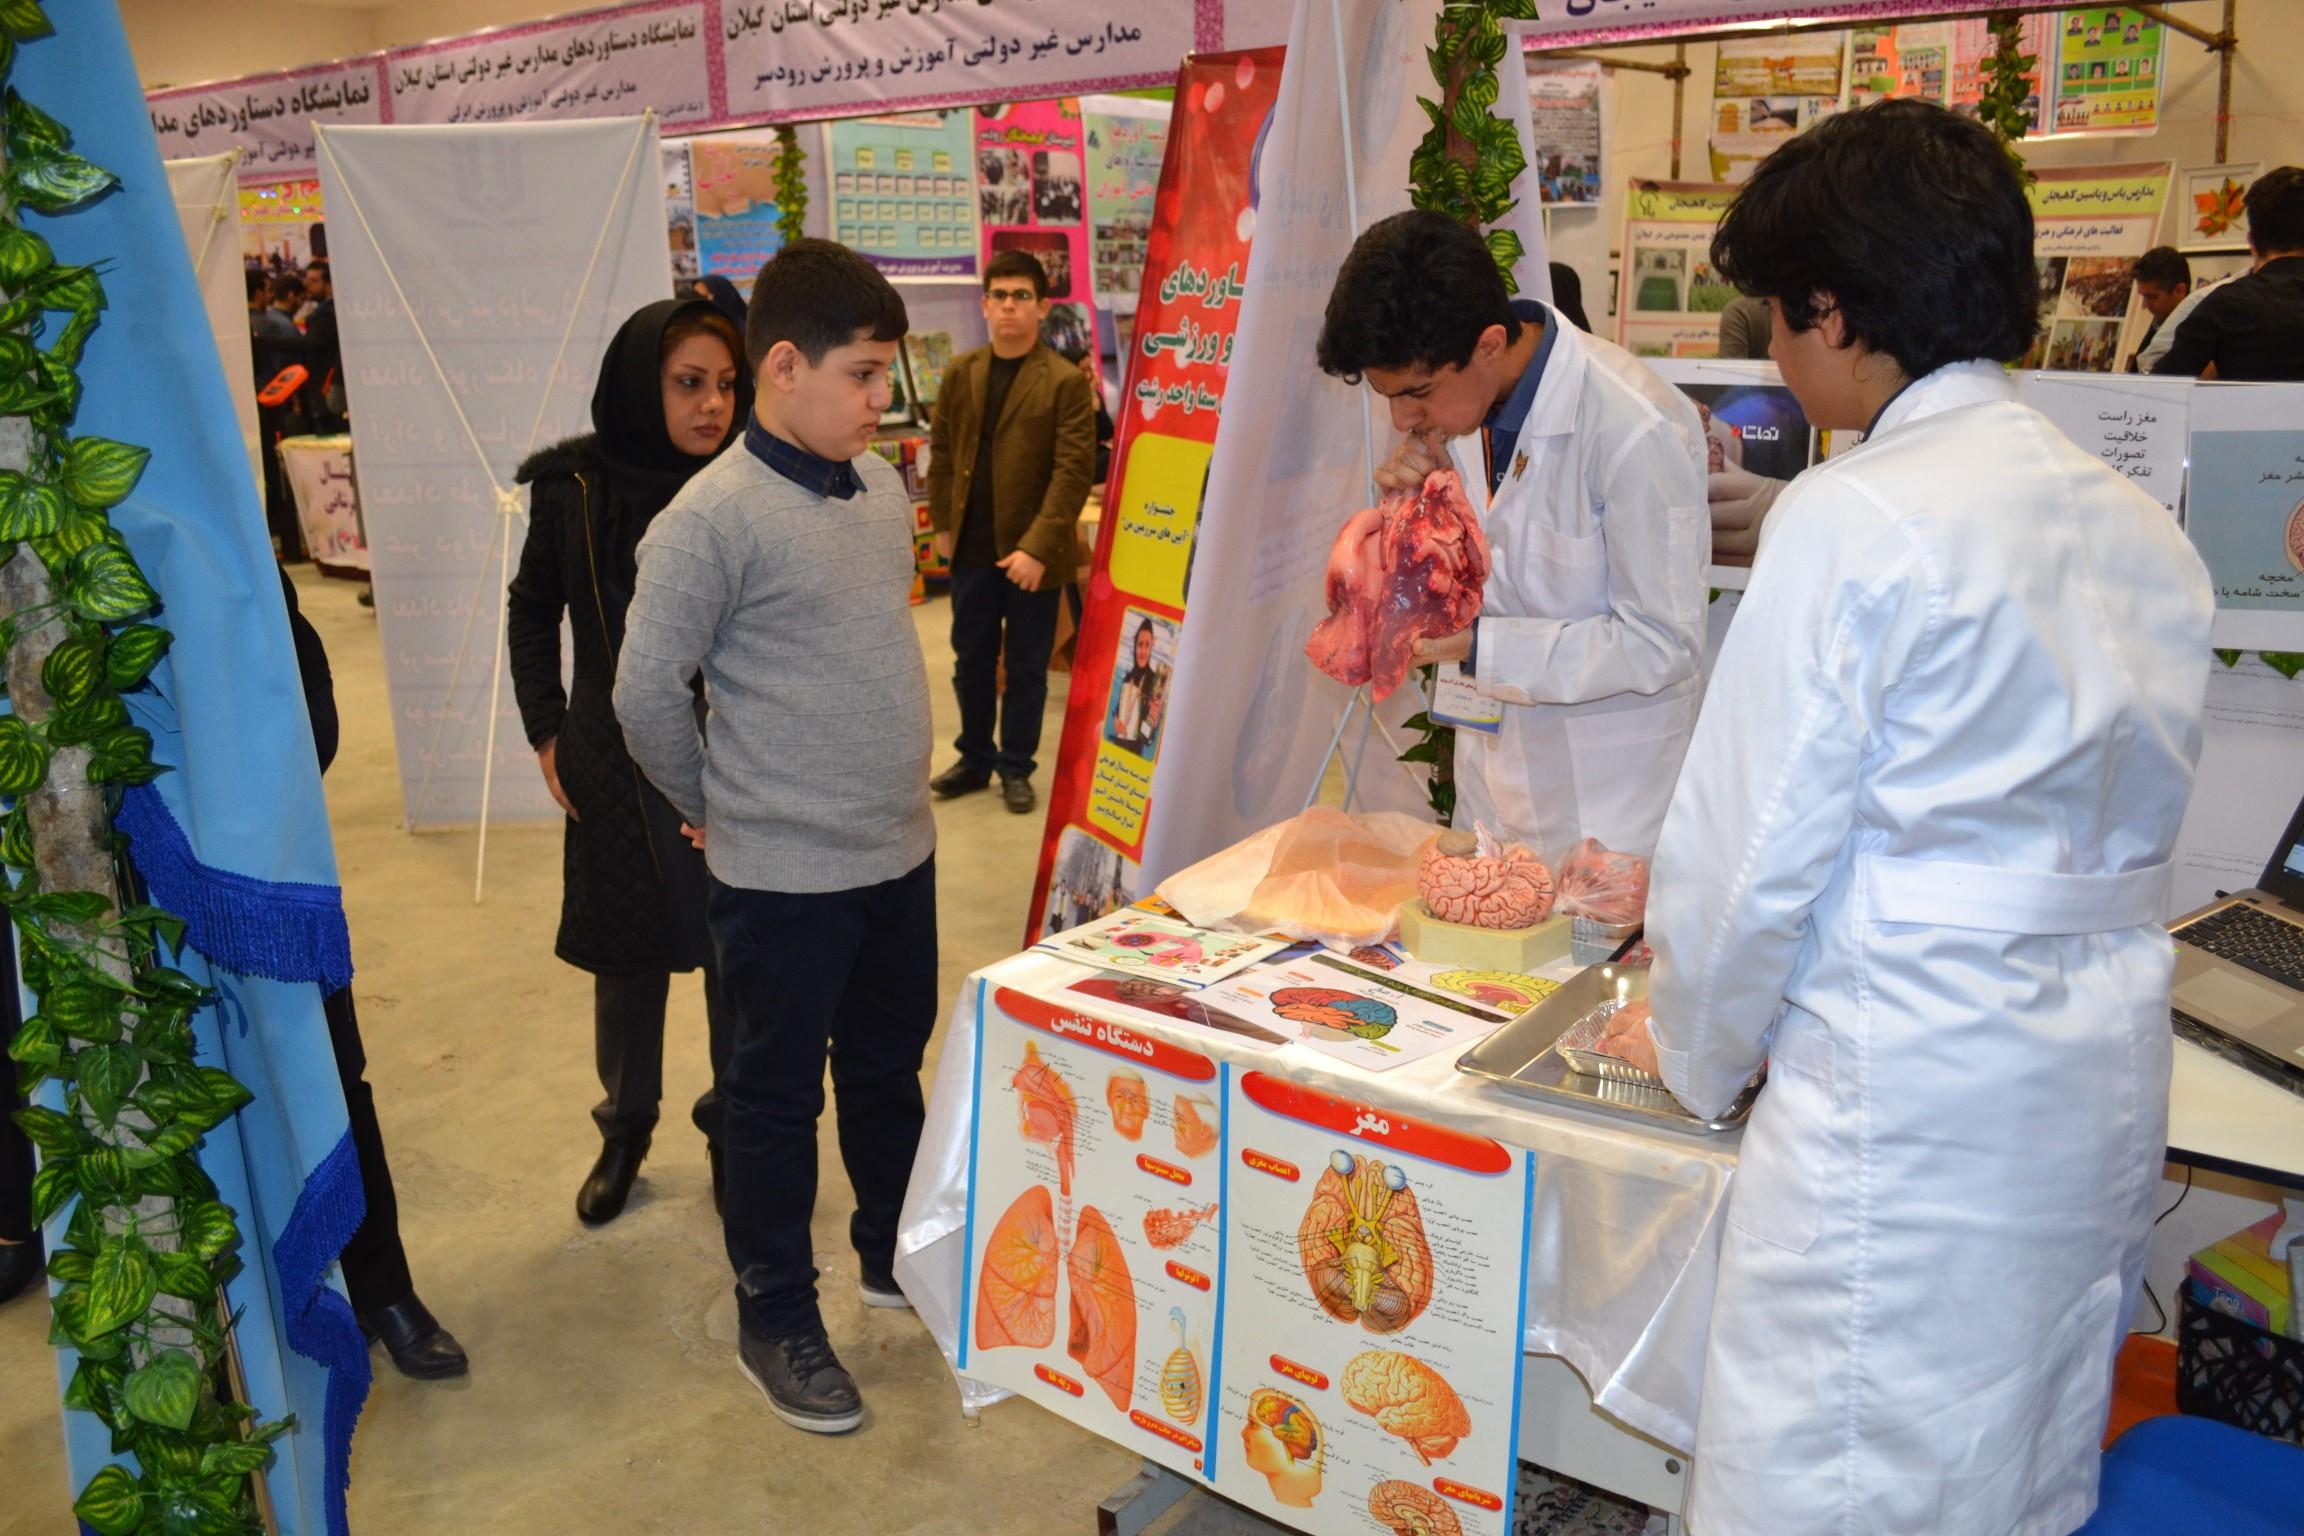 نمایشگاه مدارس غیر دولتی به میزبانی سما واحد رشت2